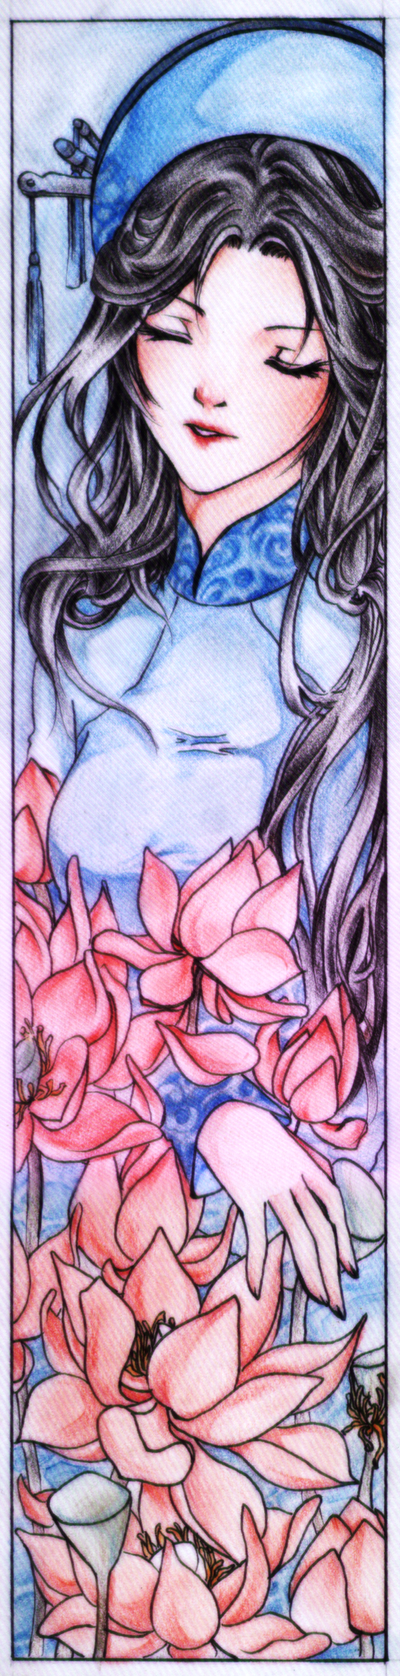 04 - The spirit of lotus by Wlotus-2307